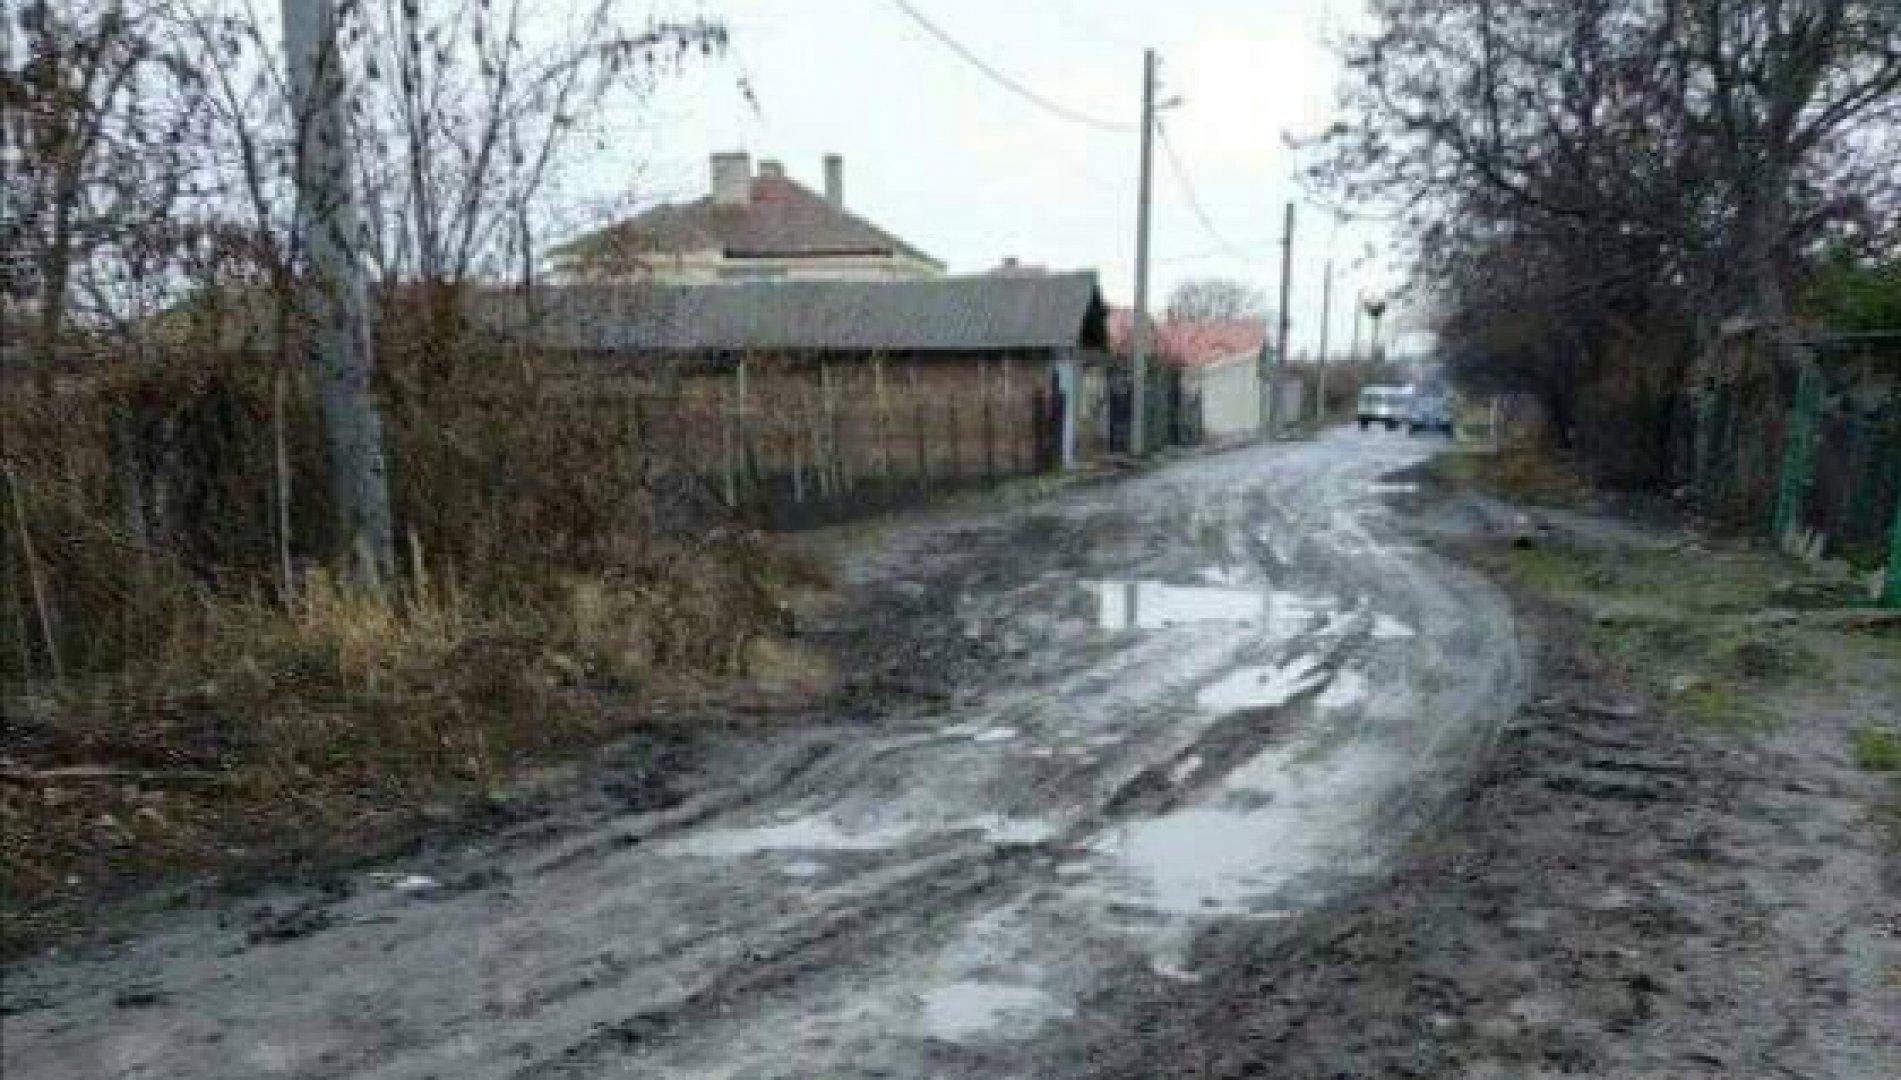 Съветникът настоява средства за ремонт на улиците да бъдат заложени в бюджета на община Бургас за следващата година. Снимки БСП - Бургас